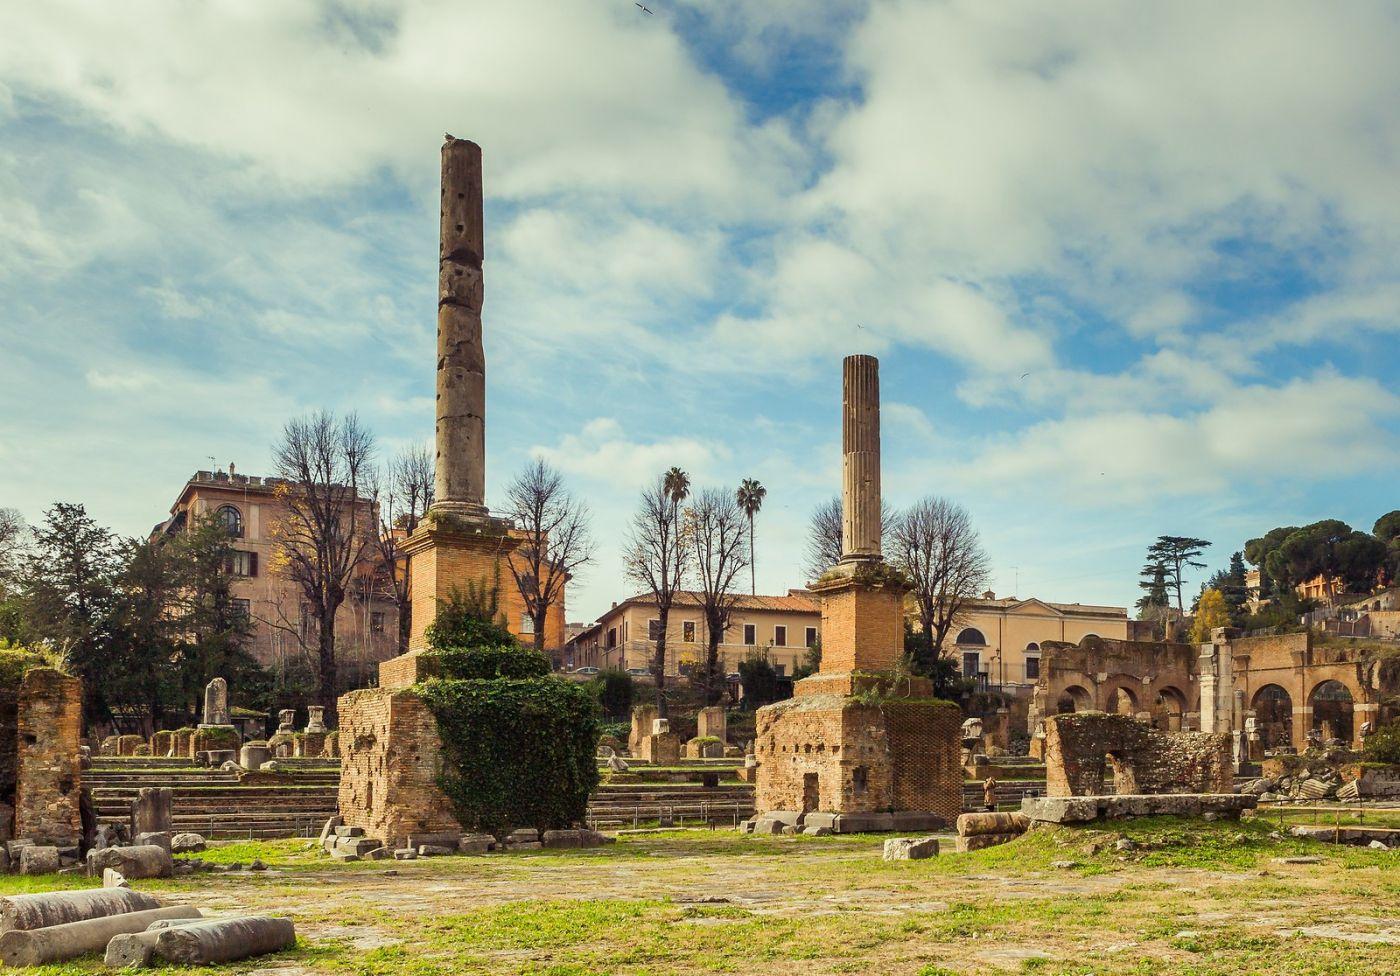 意大利罗马论坛,二千年的历史_图1-31